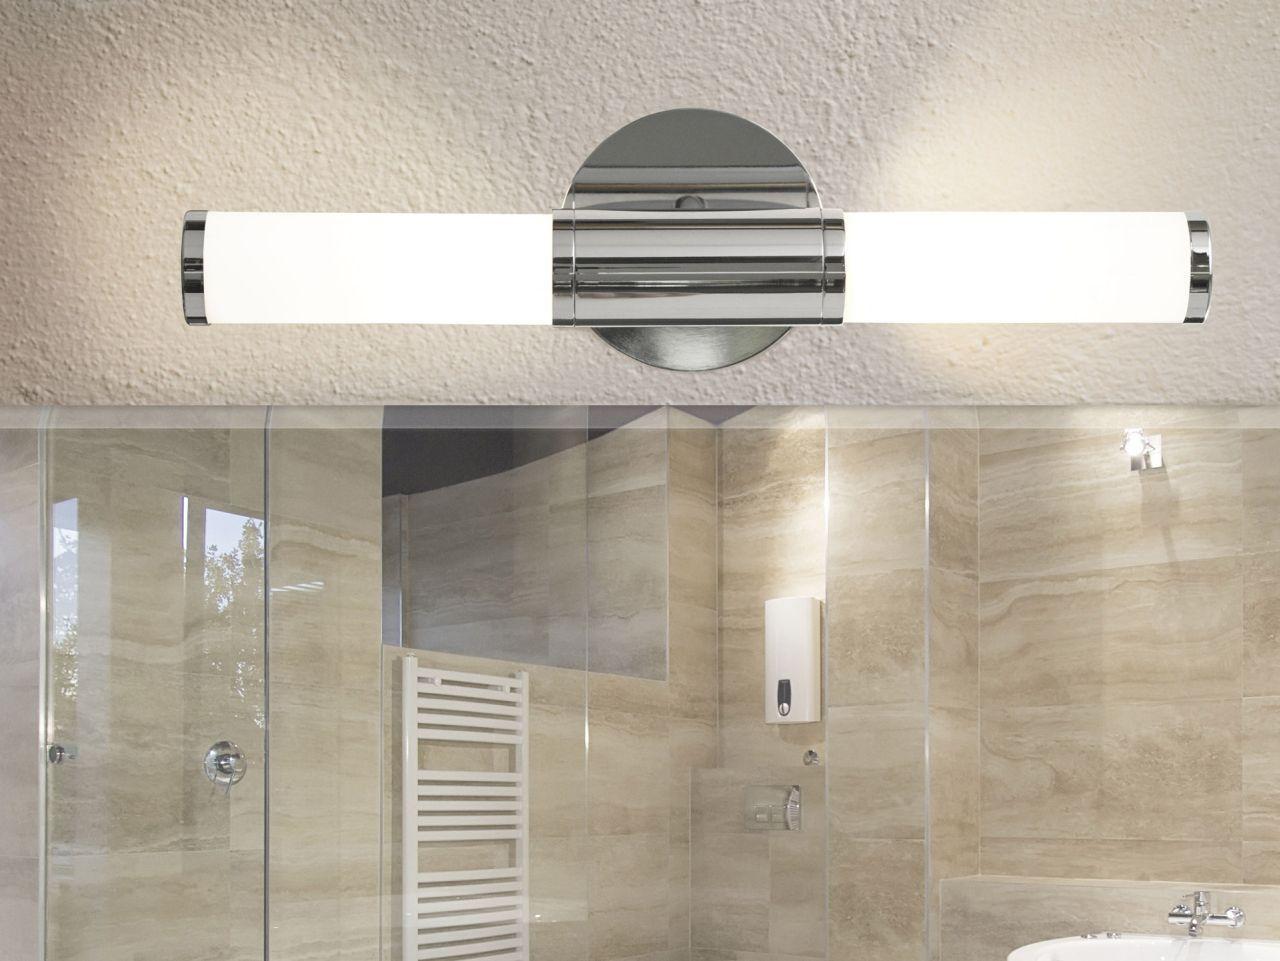 Spiegelverlichting deze lamp kunt u zowel boven als naast de